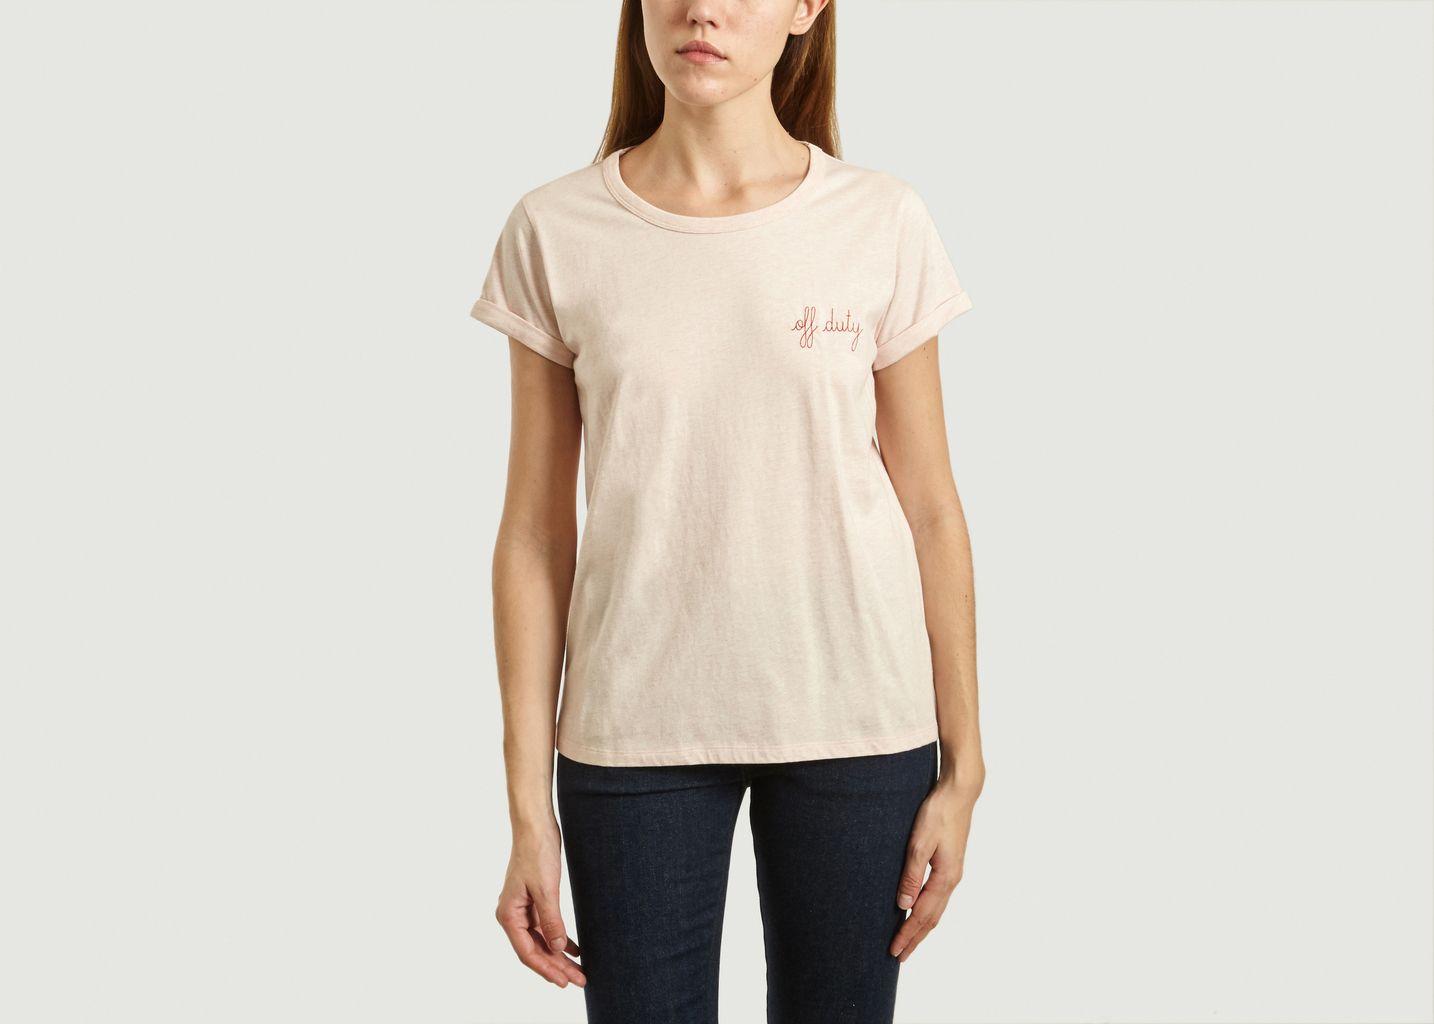 T-Shirt Brodé Off Duty - Maison Labiche